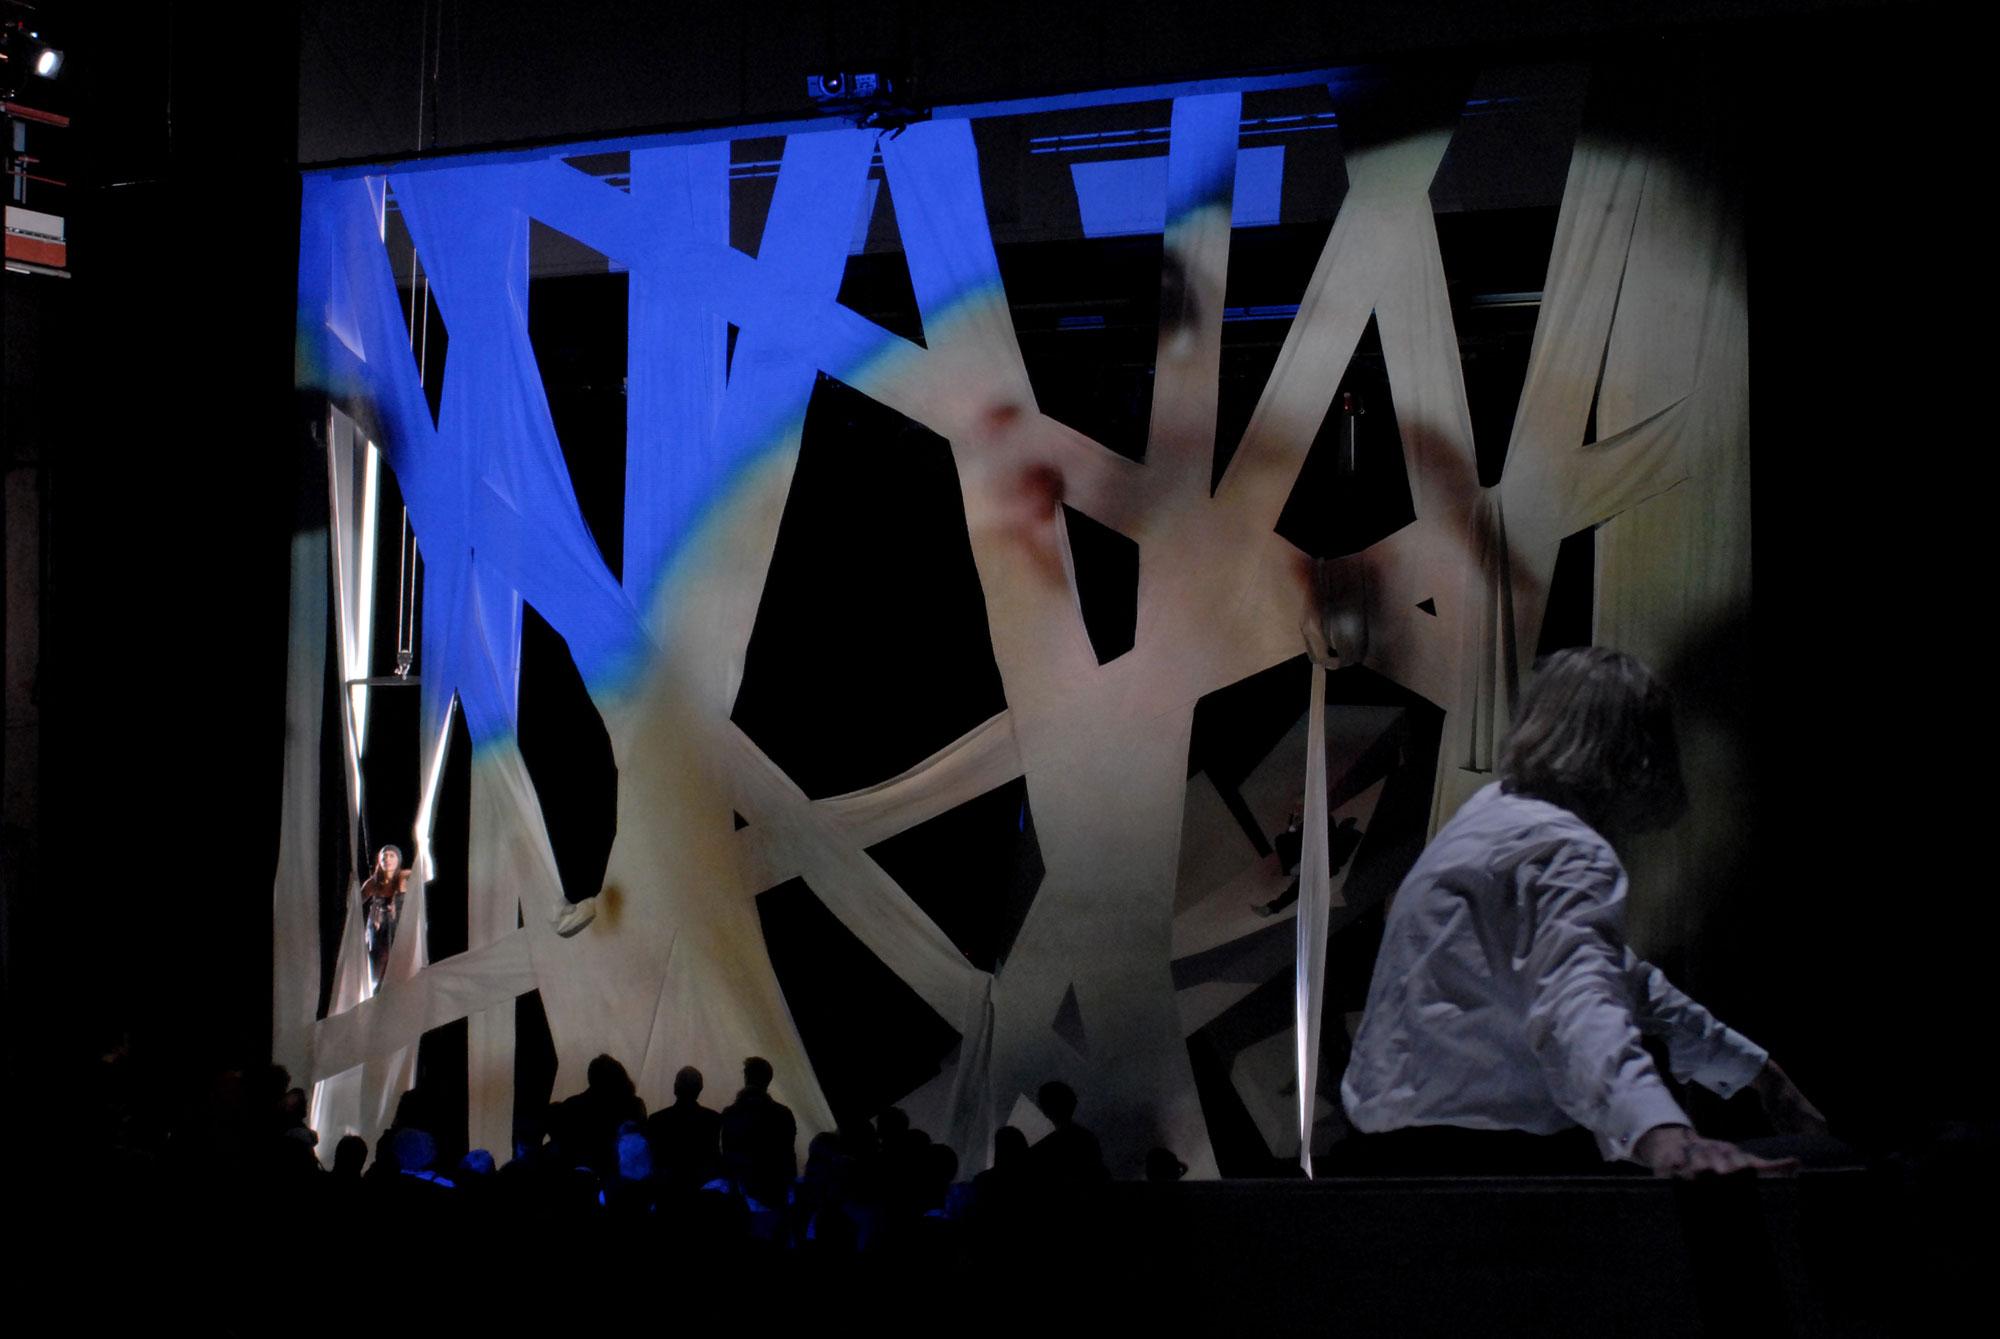 Medea. Stimmen, Christa Wolf, PAN.OPTIKUM, Theater Freiburg, Landesstiftung Baden-Württemberg,